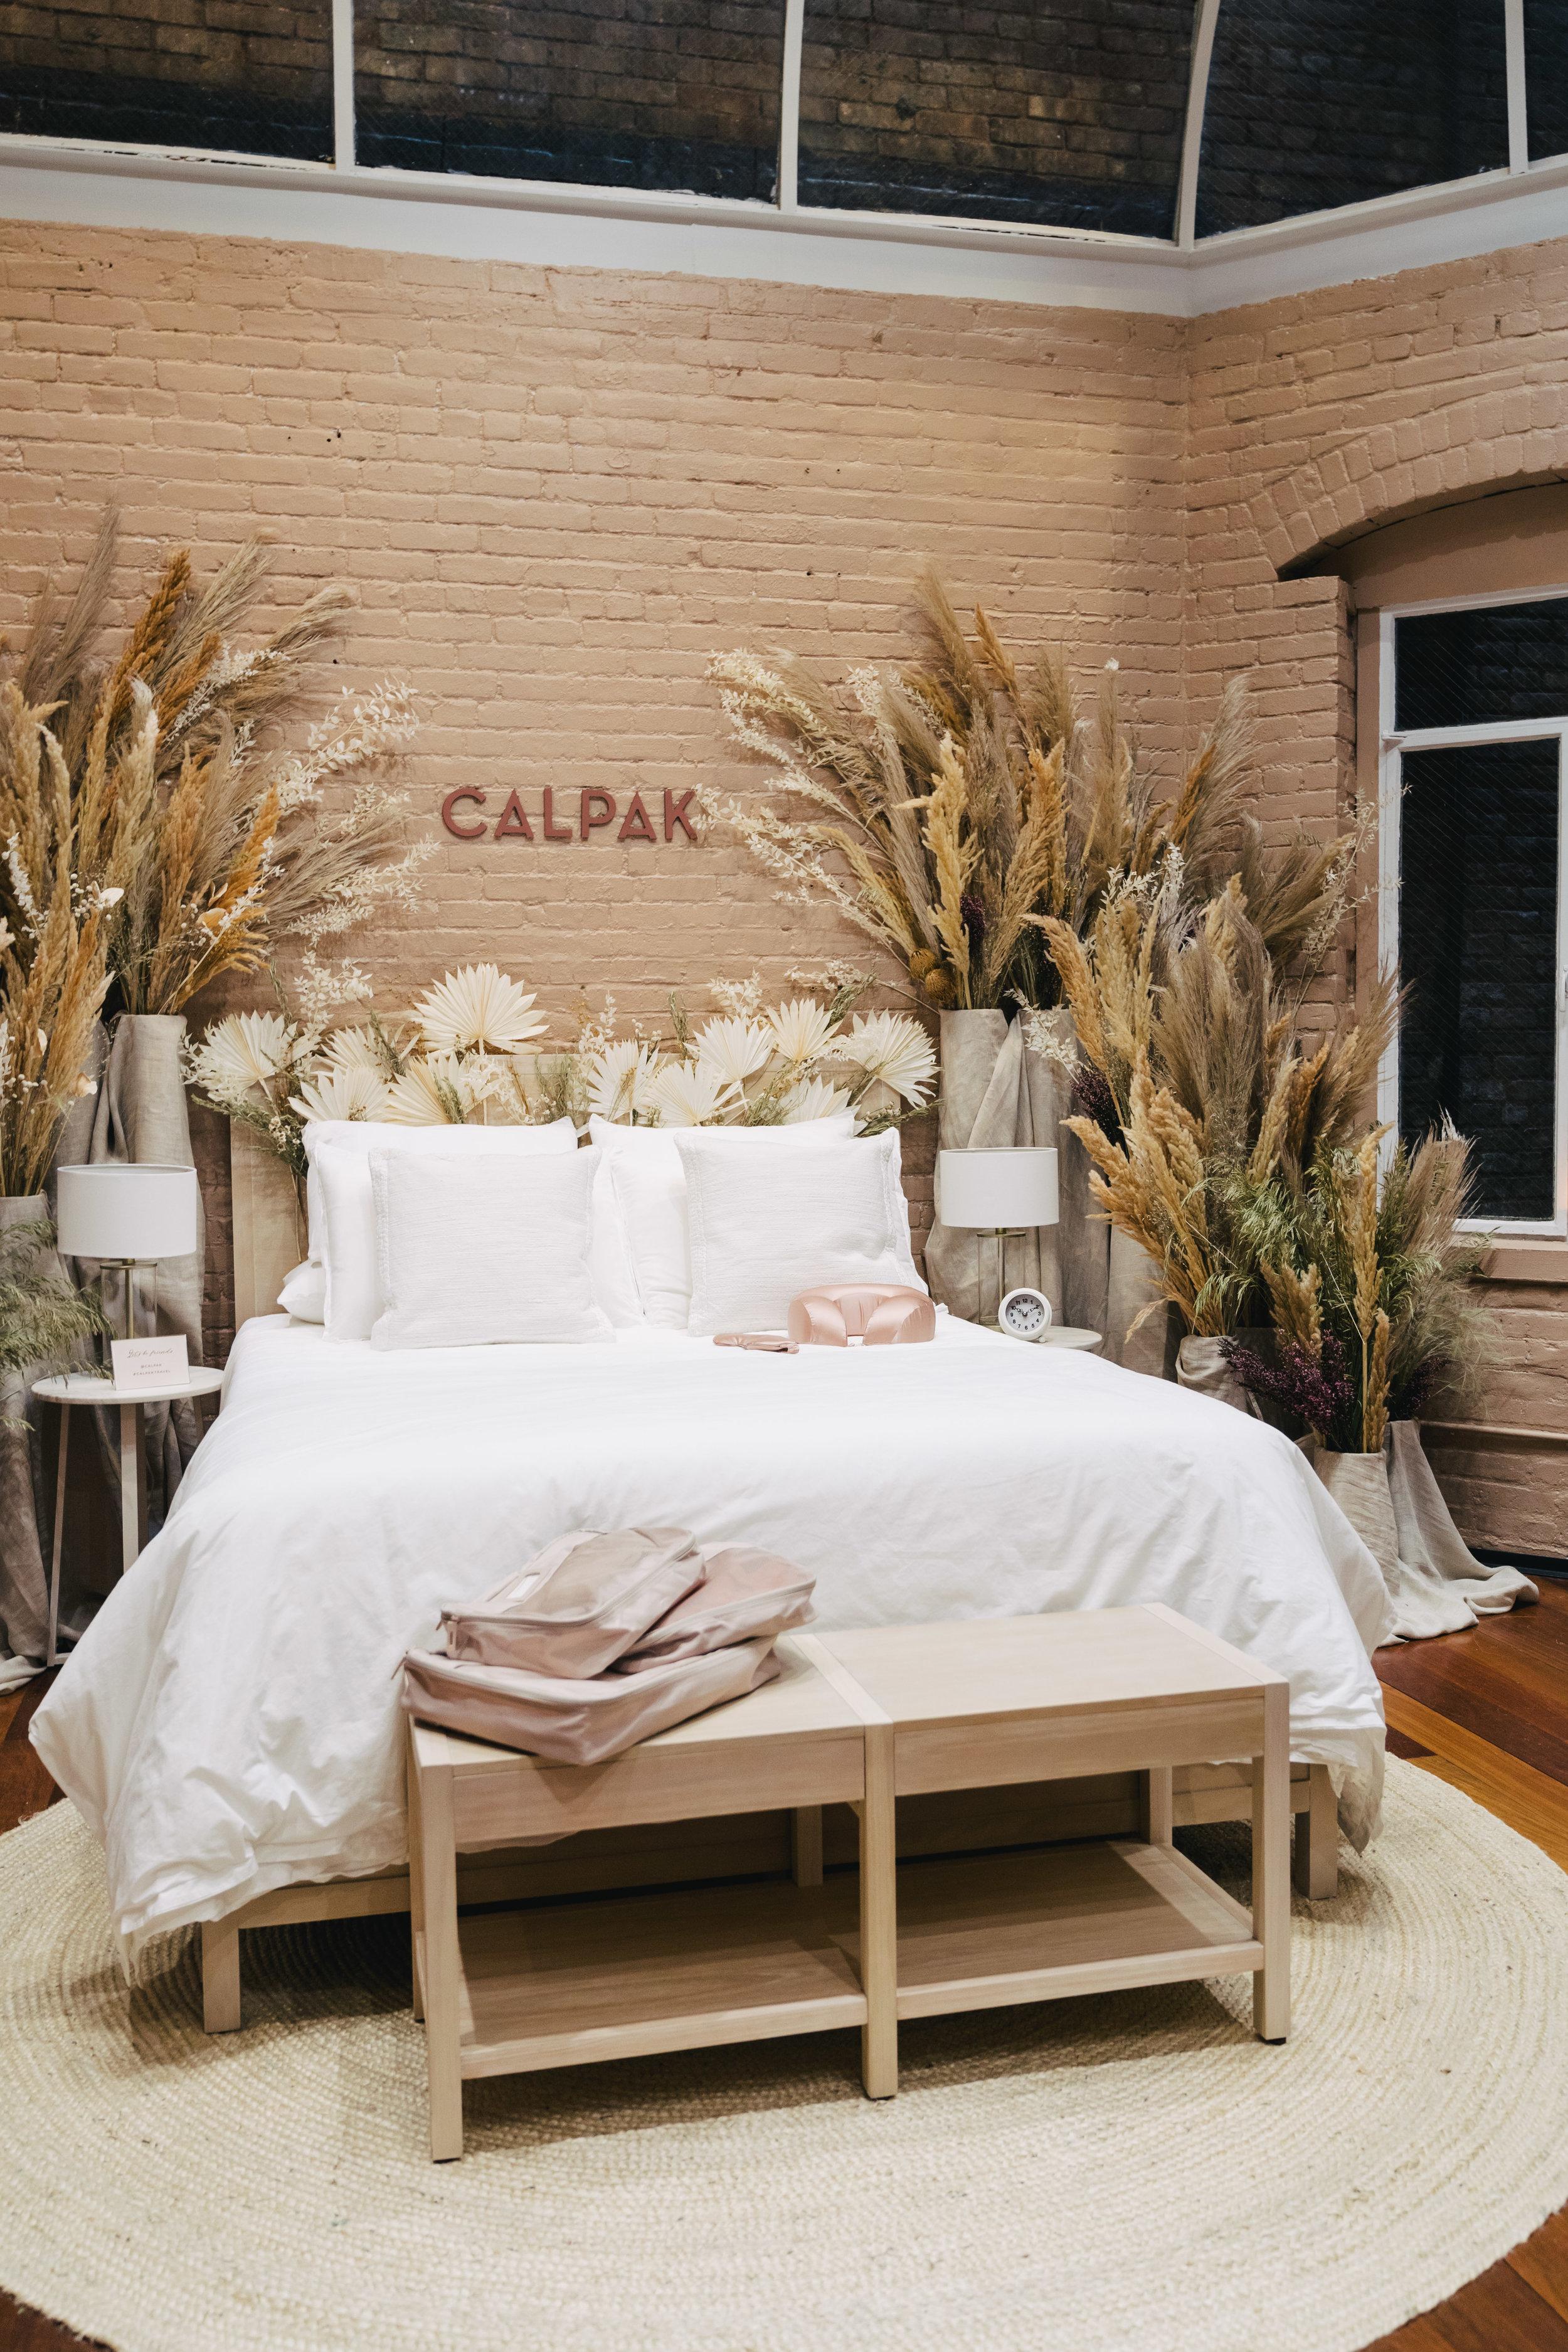 calpak-nyc-6-19-19-29.jpg